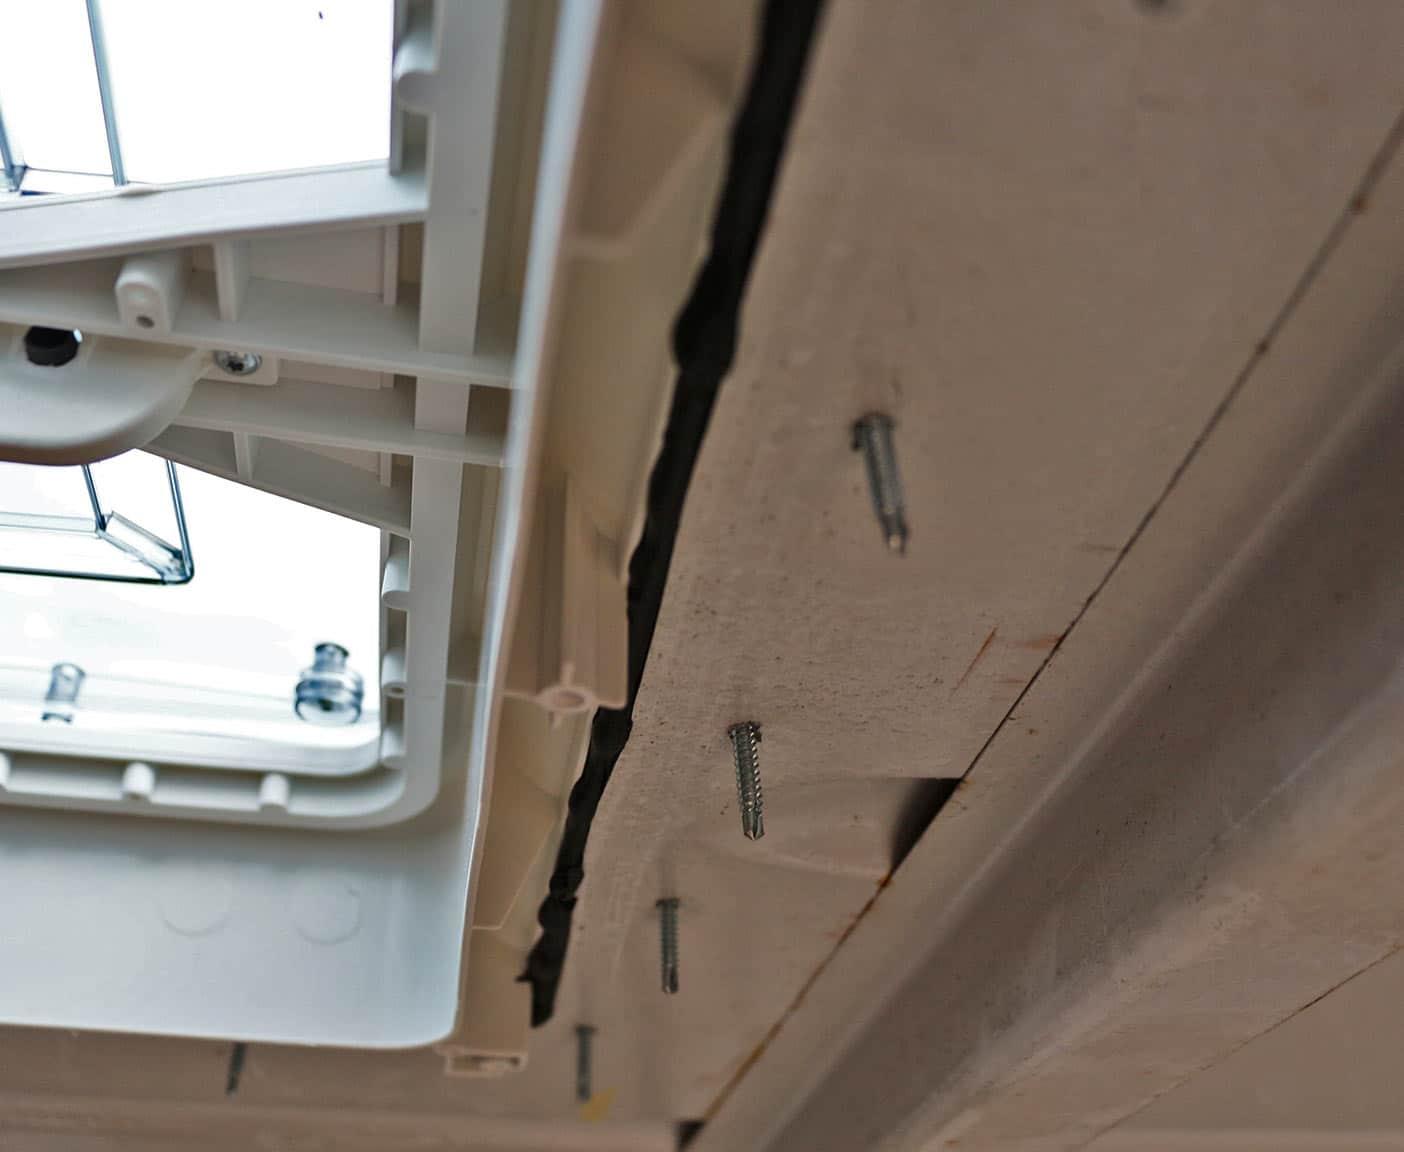 Blechschrauben verwenden - Dachluke selber einbauen Illustration